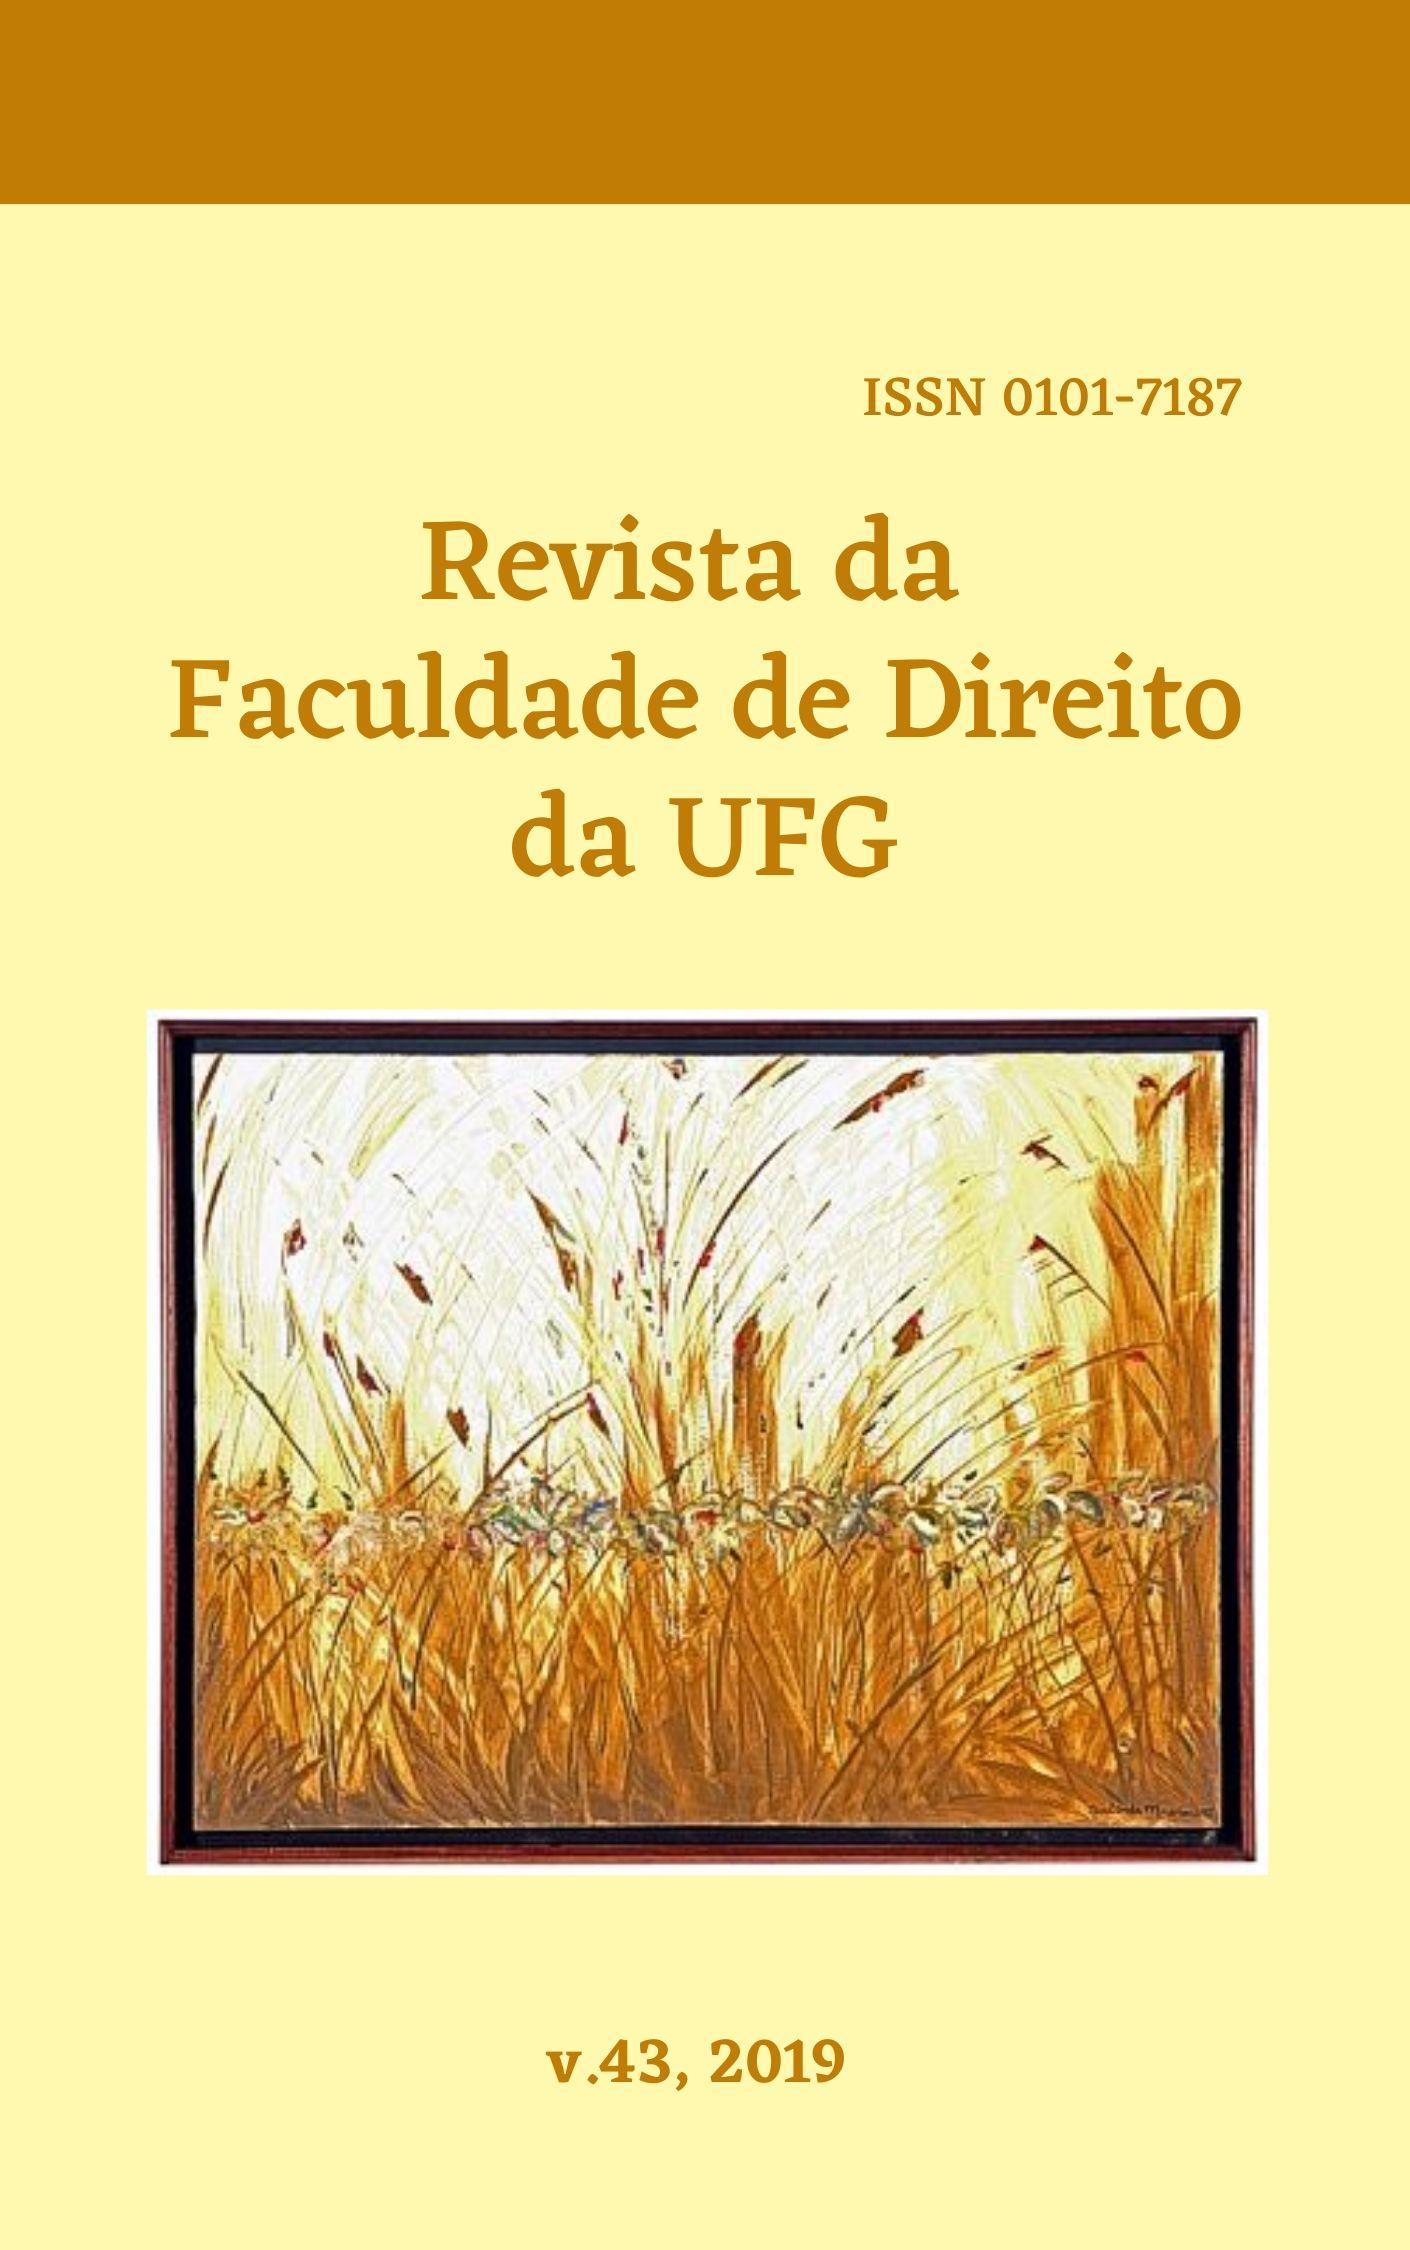 Visualizar v. 43 (2019): REVISTA DA FACULDADE DE DIREITO DA UFG